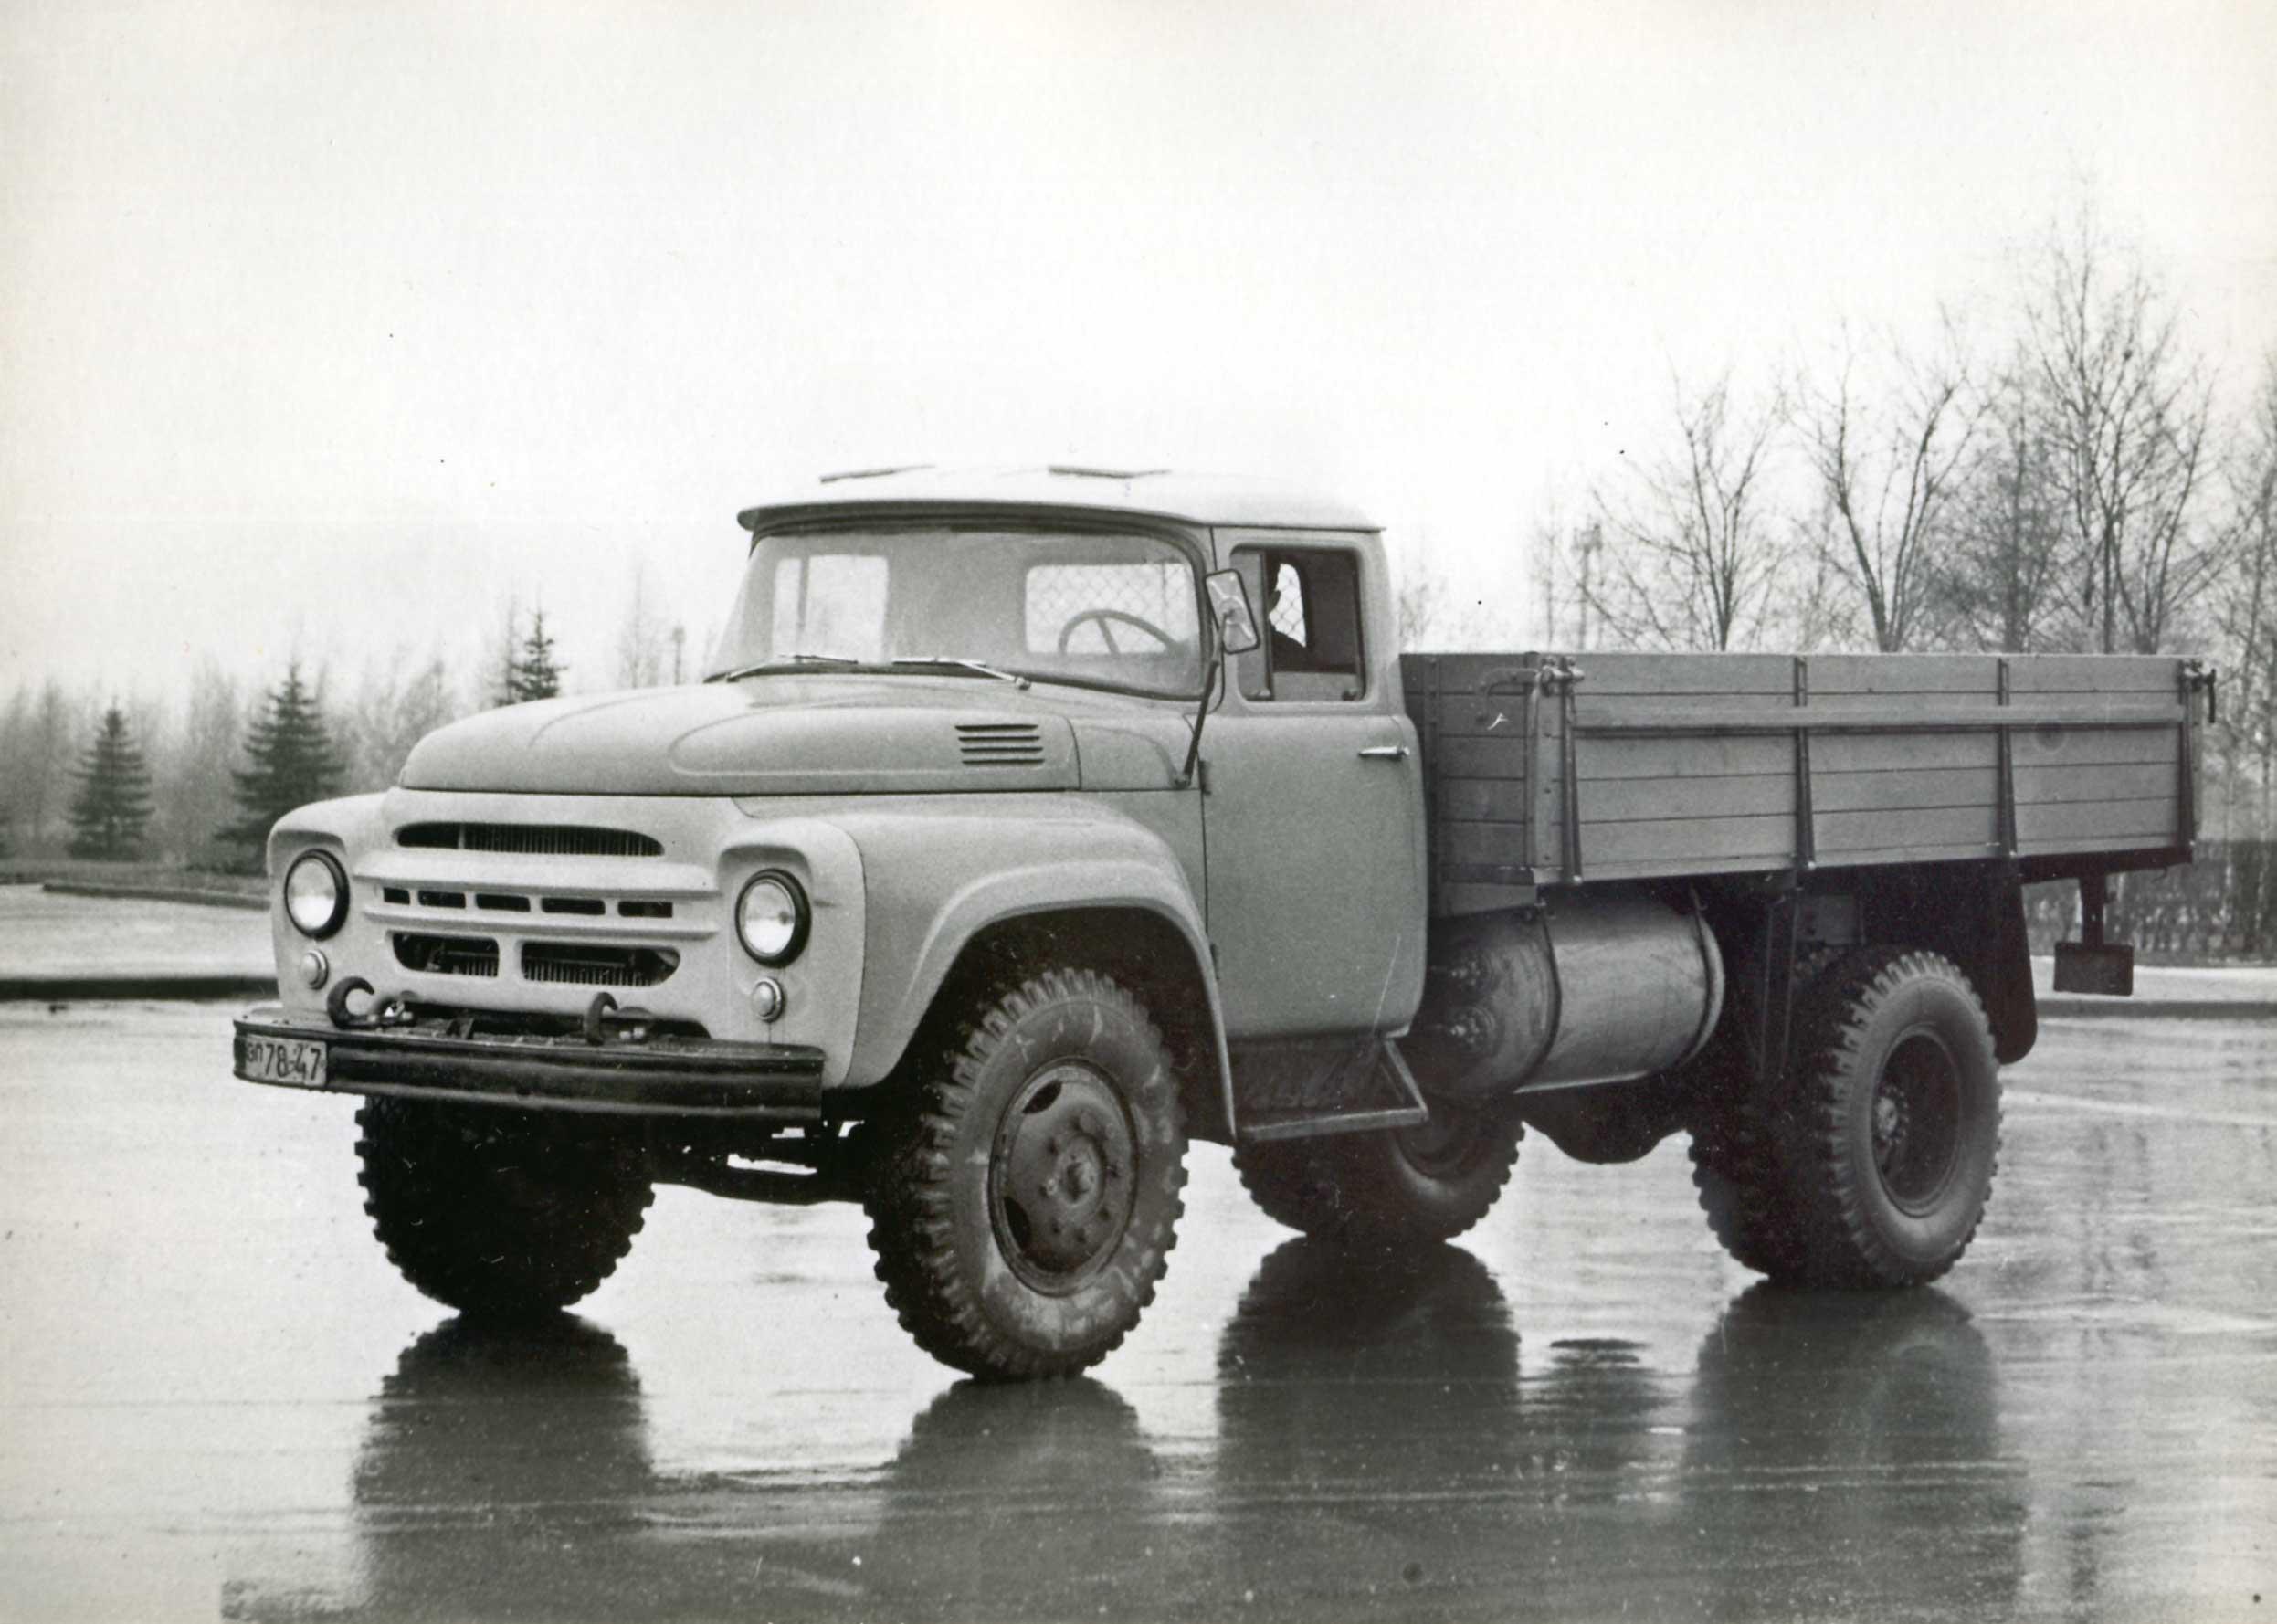 ... кварталах 1960 года, и еще три – в 1962 году), предназначались для  работы на сжиженном нефтяном газе и оснащались двигателем ЗИЛ-138 (базовый  ЗИЛ-130, ...